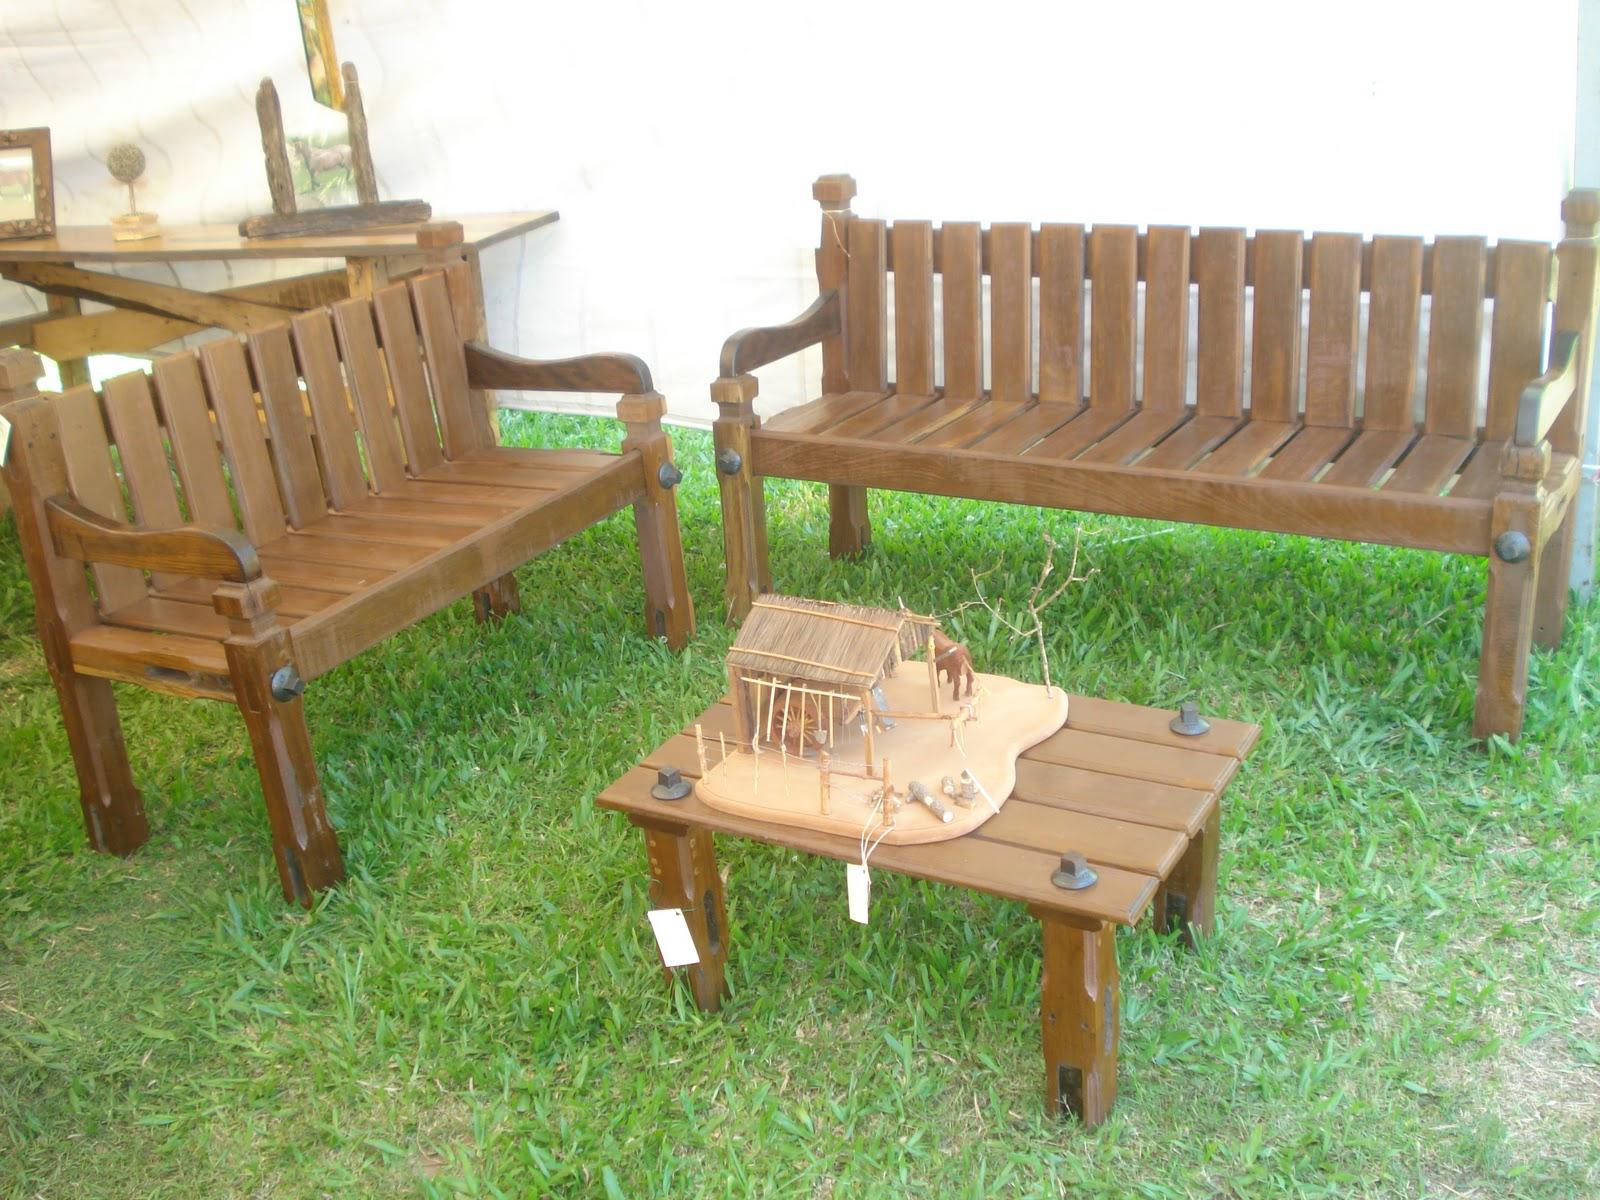 Jerivá Móveis e Artesanato: Conjunto bancos e mesa madeira de  #684924 1600x1200